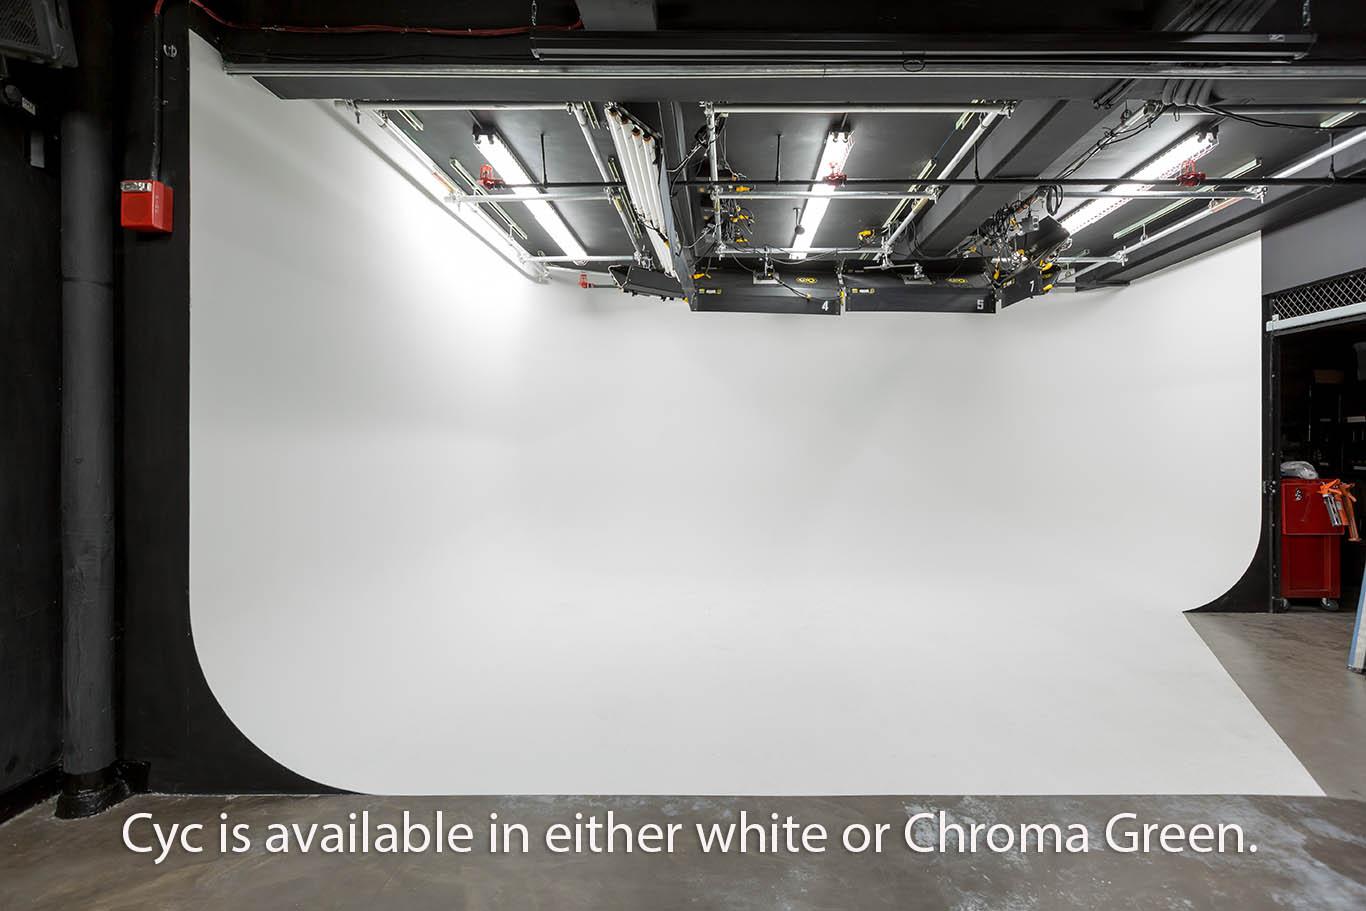 White Cyc